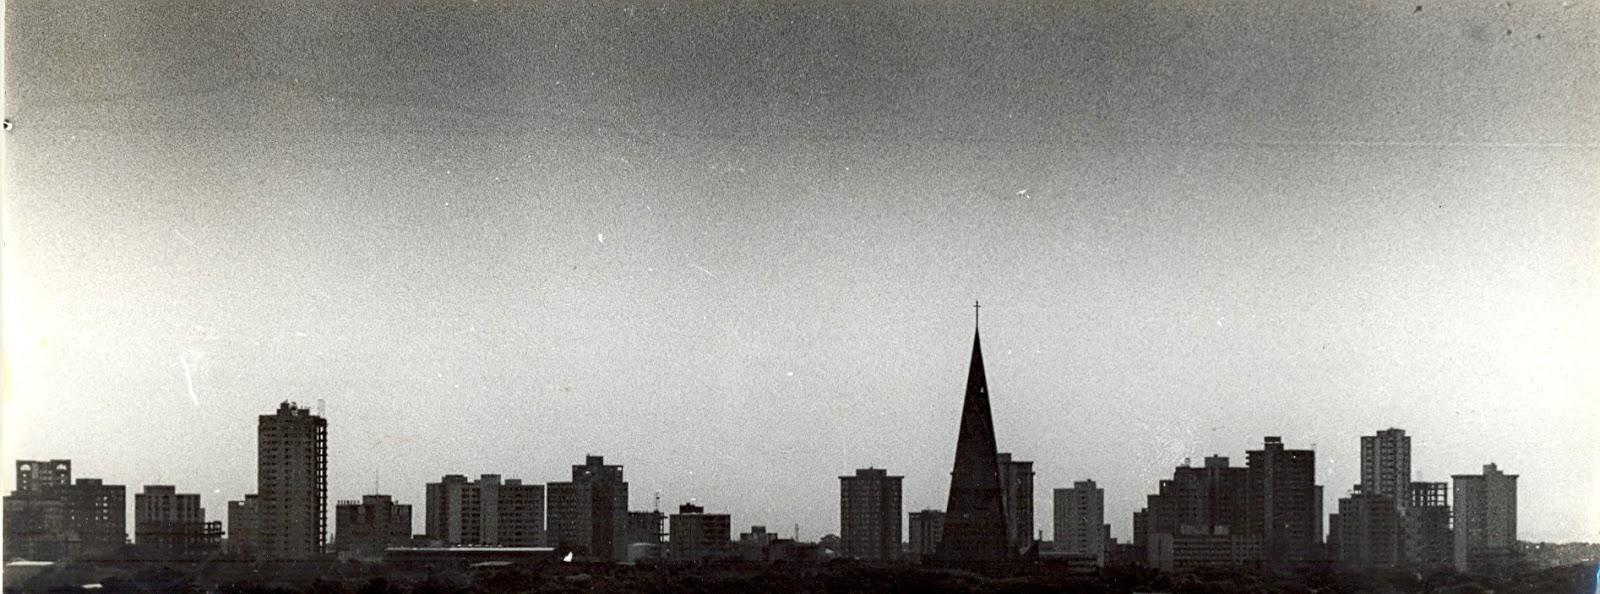 Verticalização de Maringá - Anos 1980